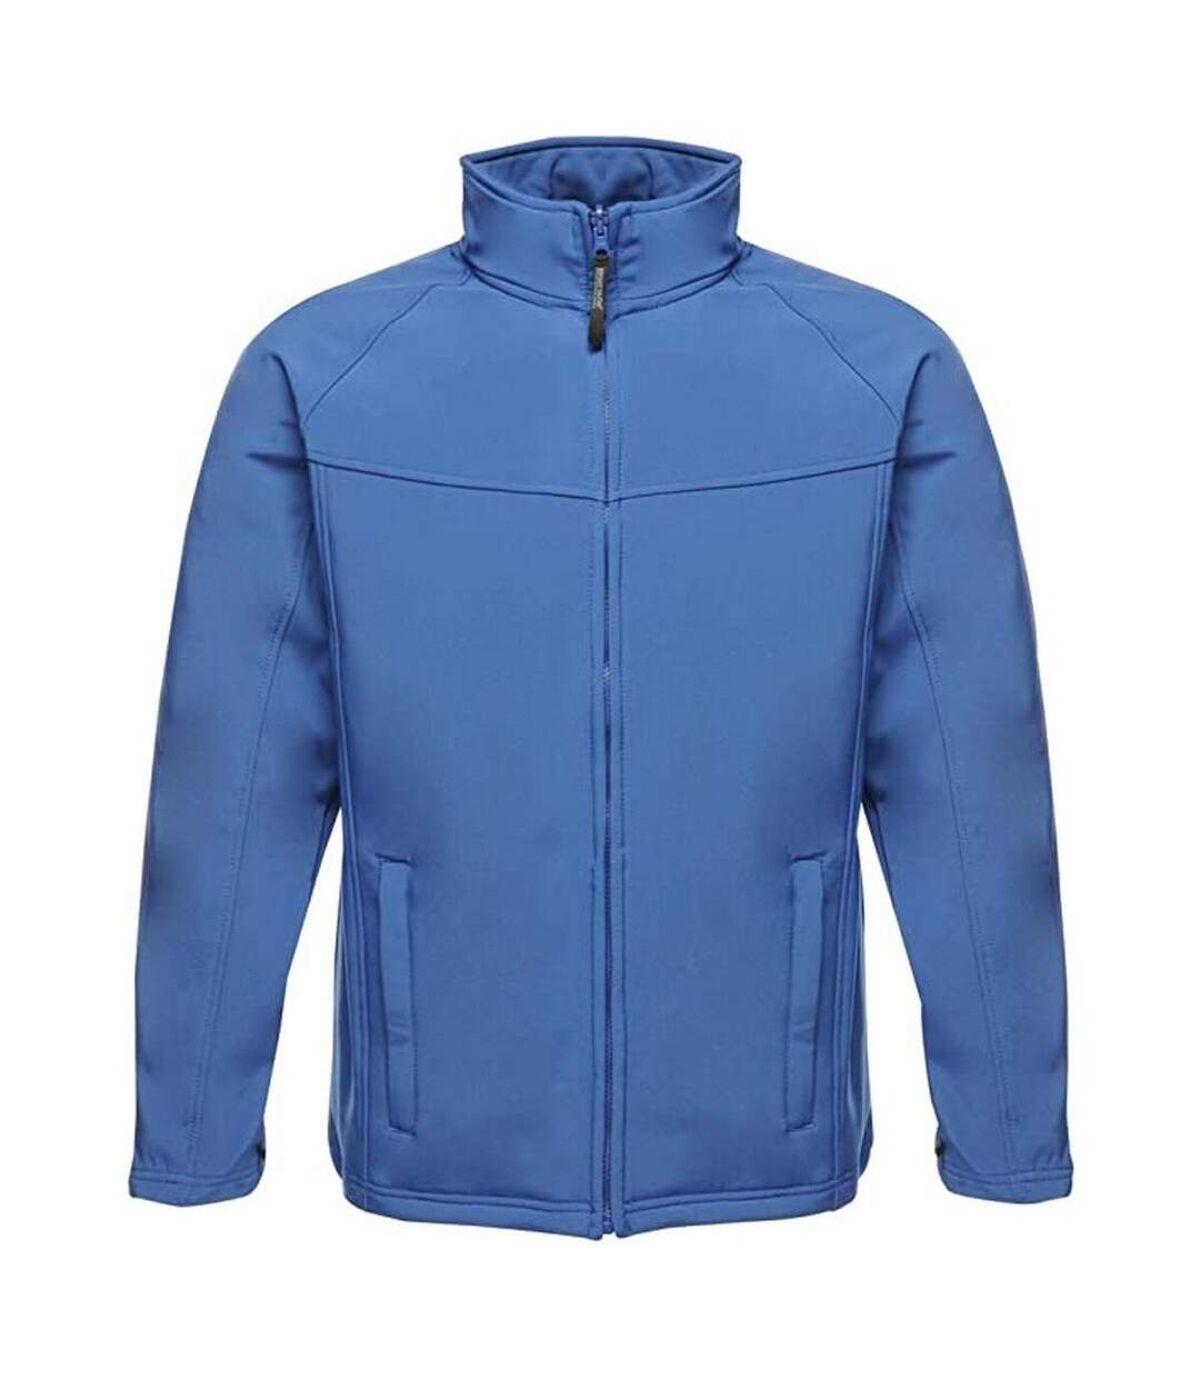 Regatta Mens Uproar Soft Shell Jacket (Royal Blue) - UTPC4240